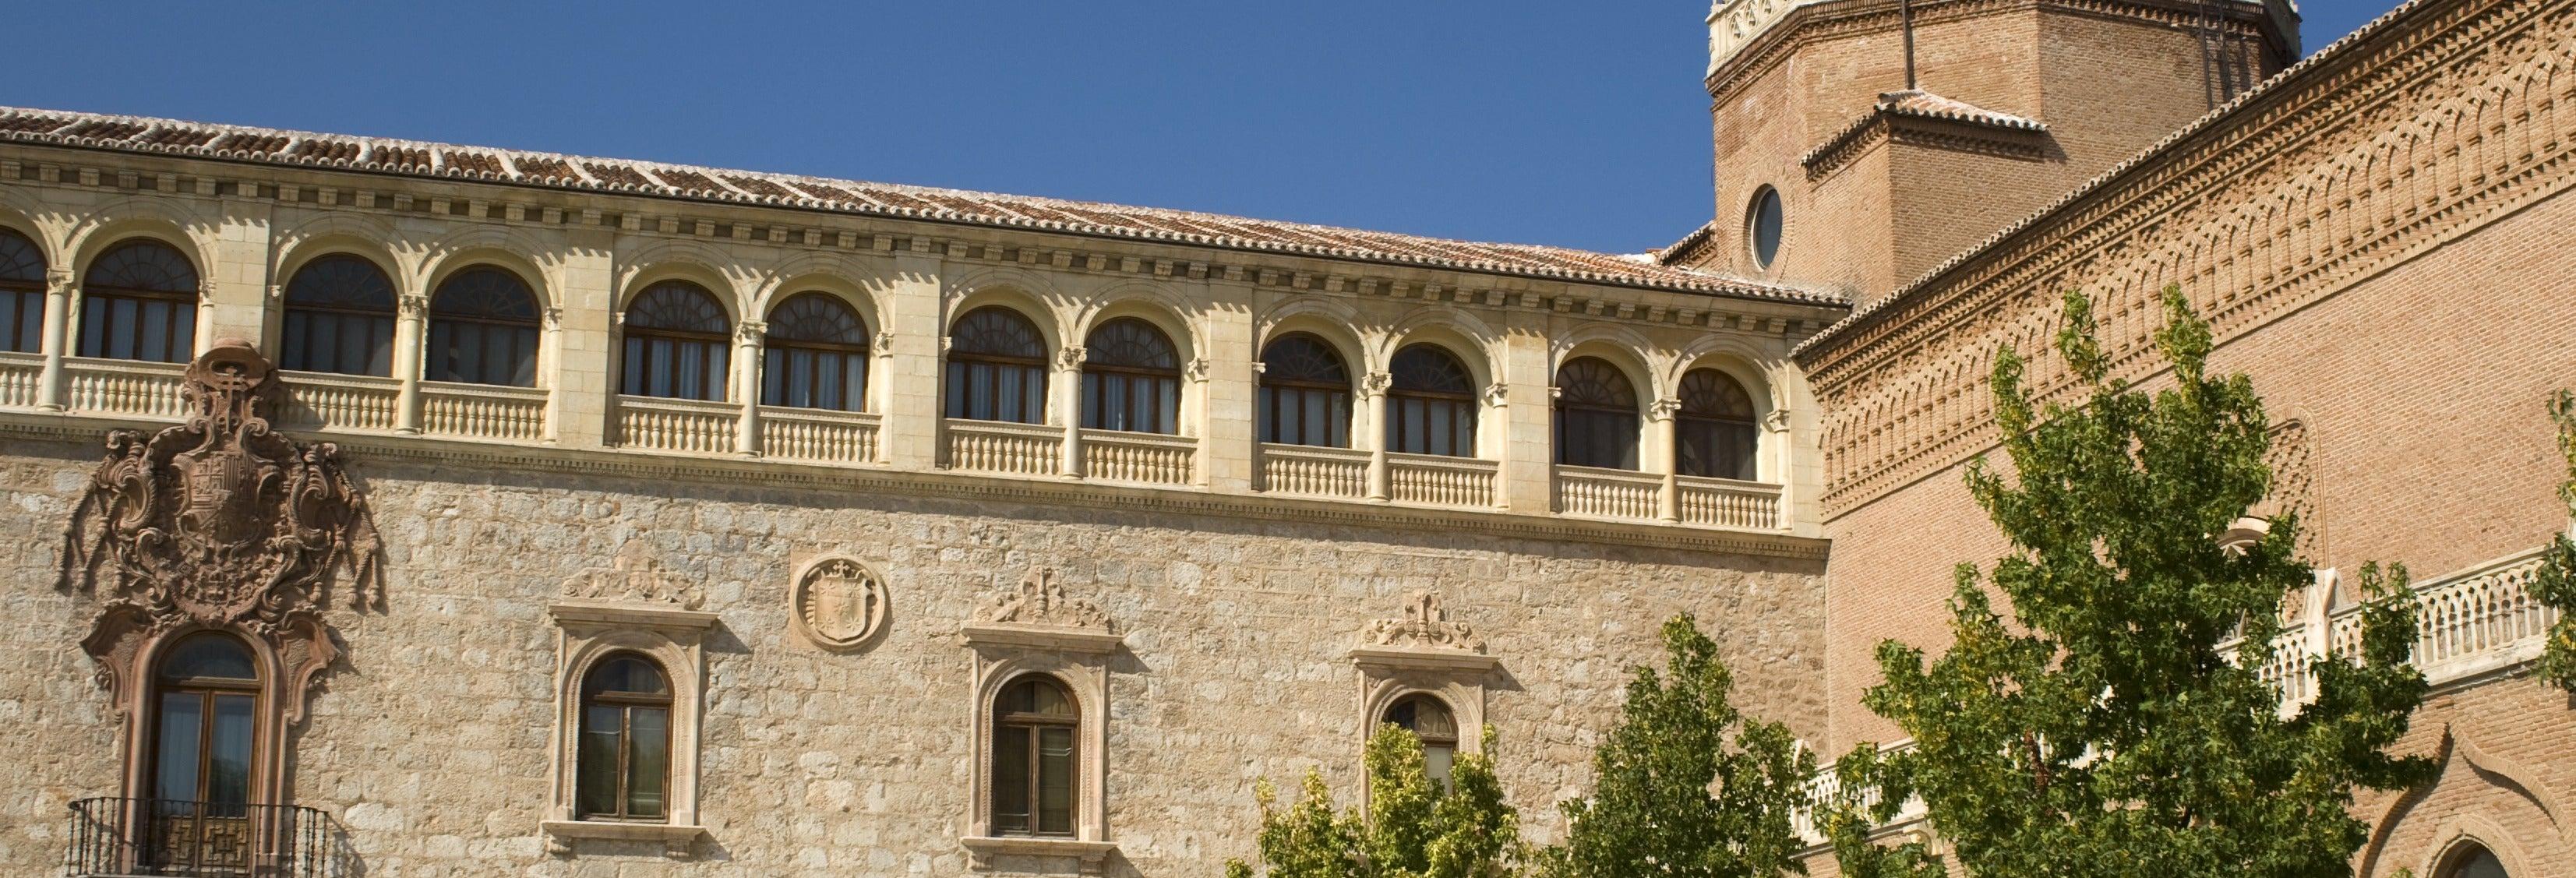 Visita guiada por Alcalá de Henares